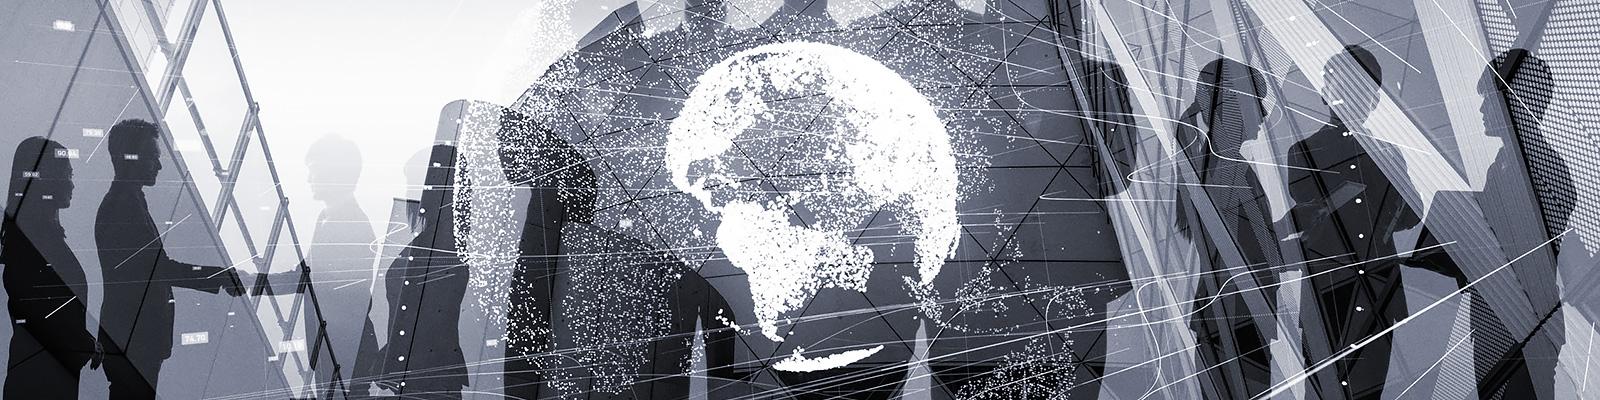 IoT パートナー ネットワーク イメージ